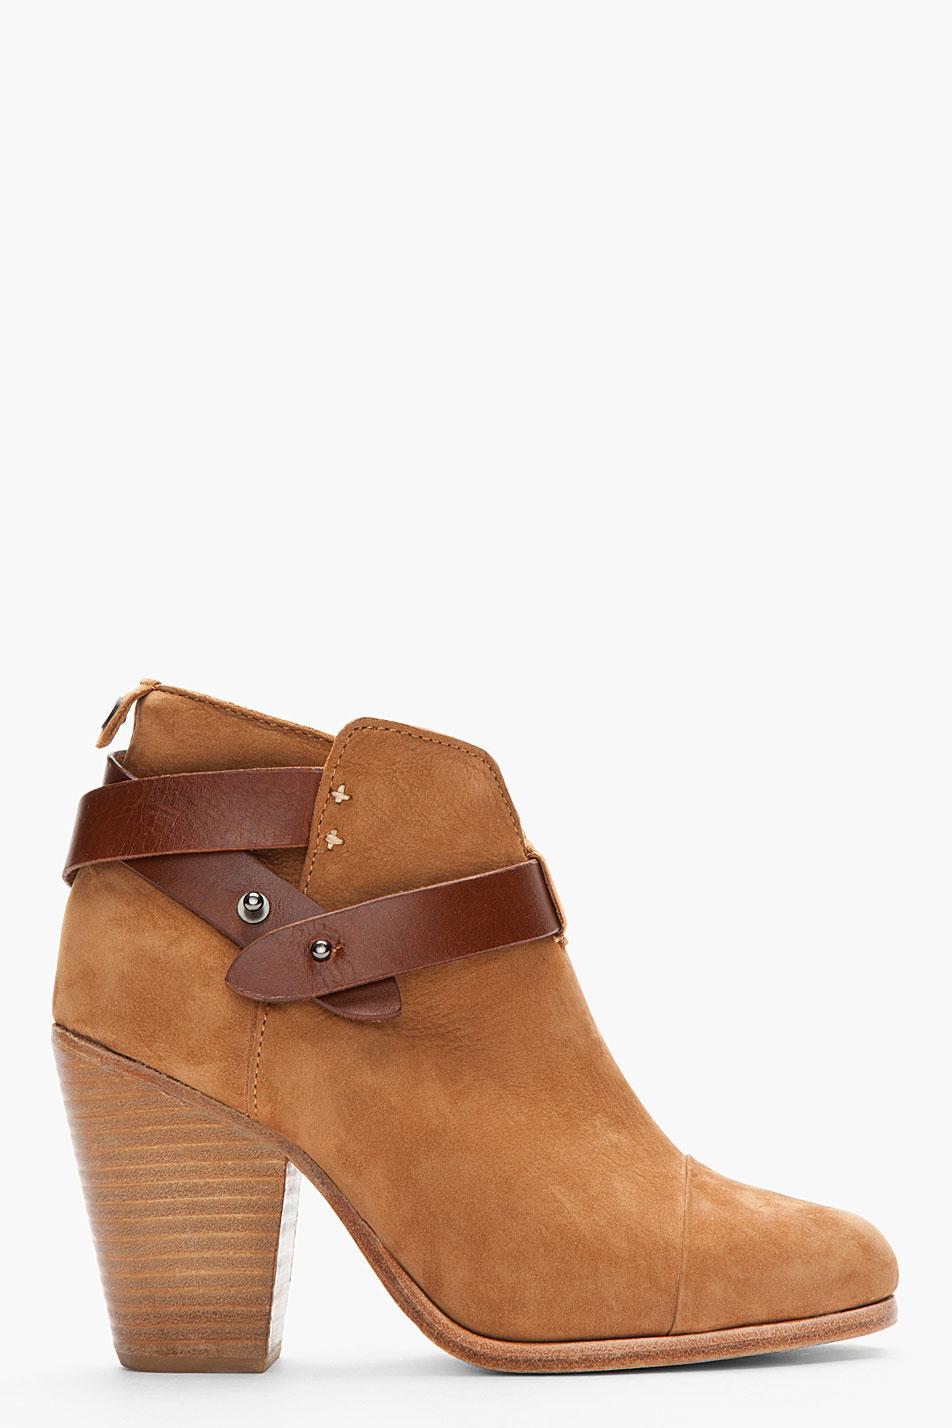 rag bone nubuck leatherstrap harrow ankle boots in